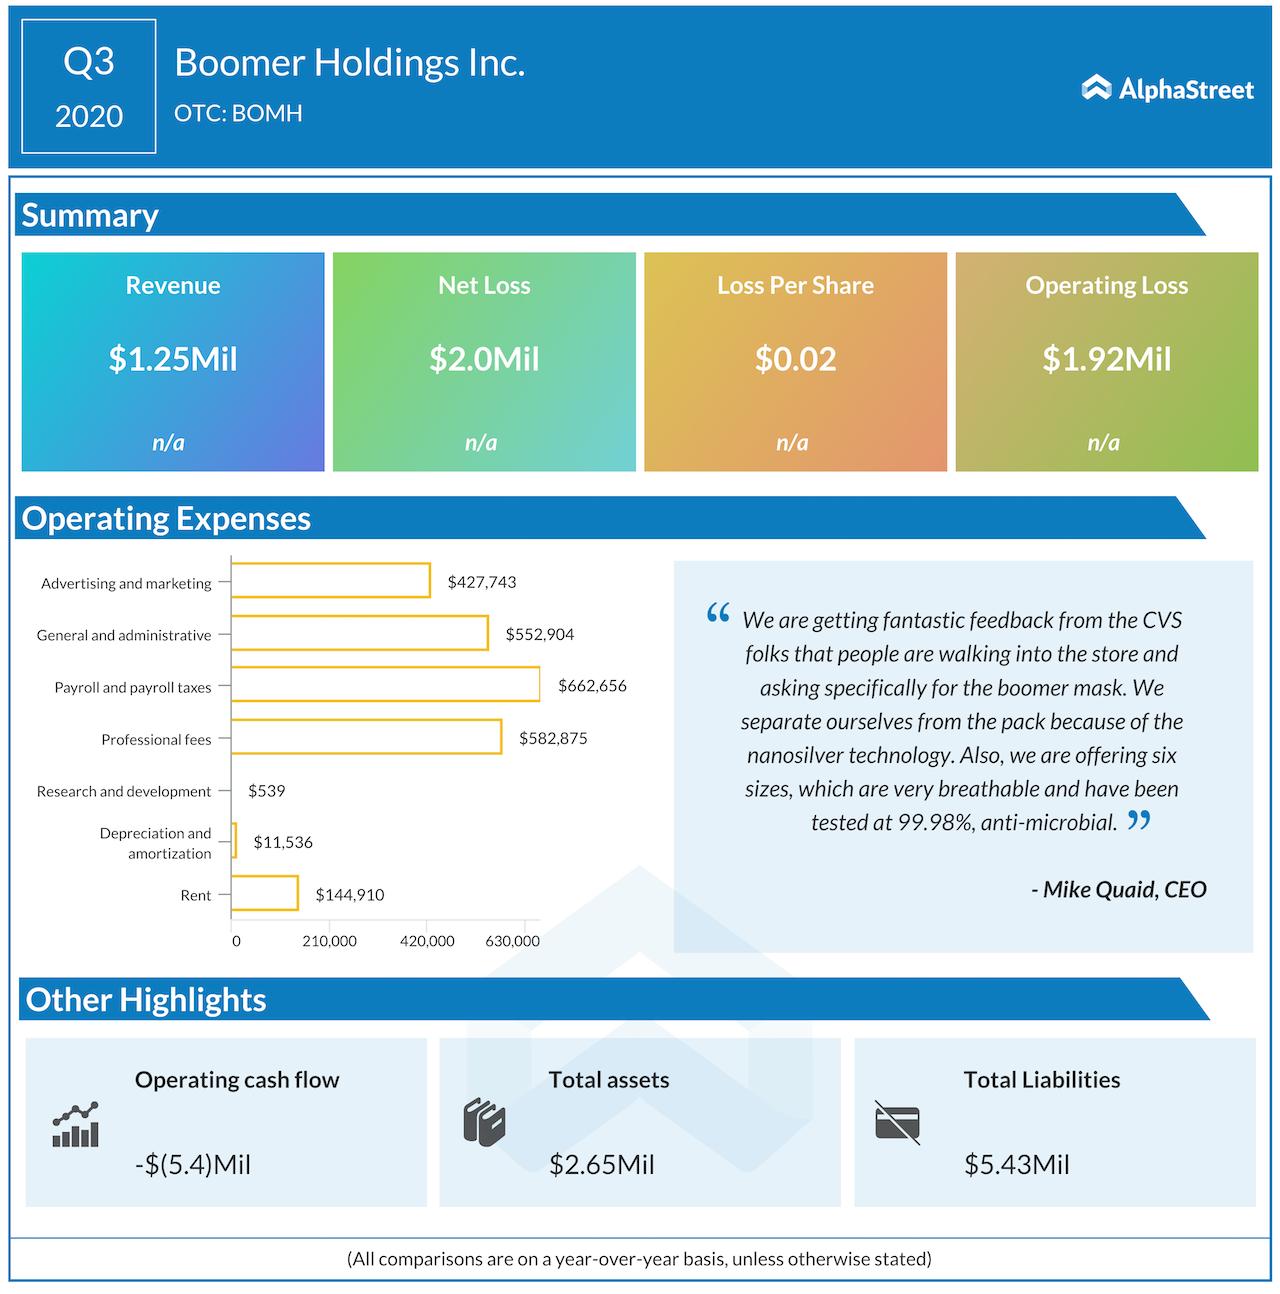 Boomer Holdings Q3 2020 earnings